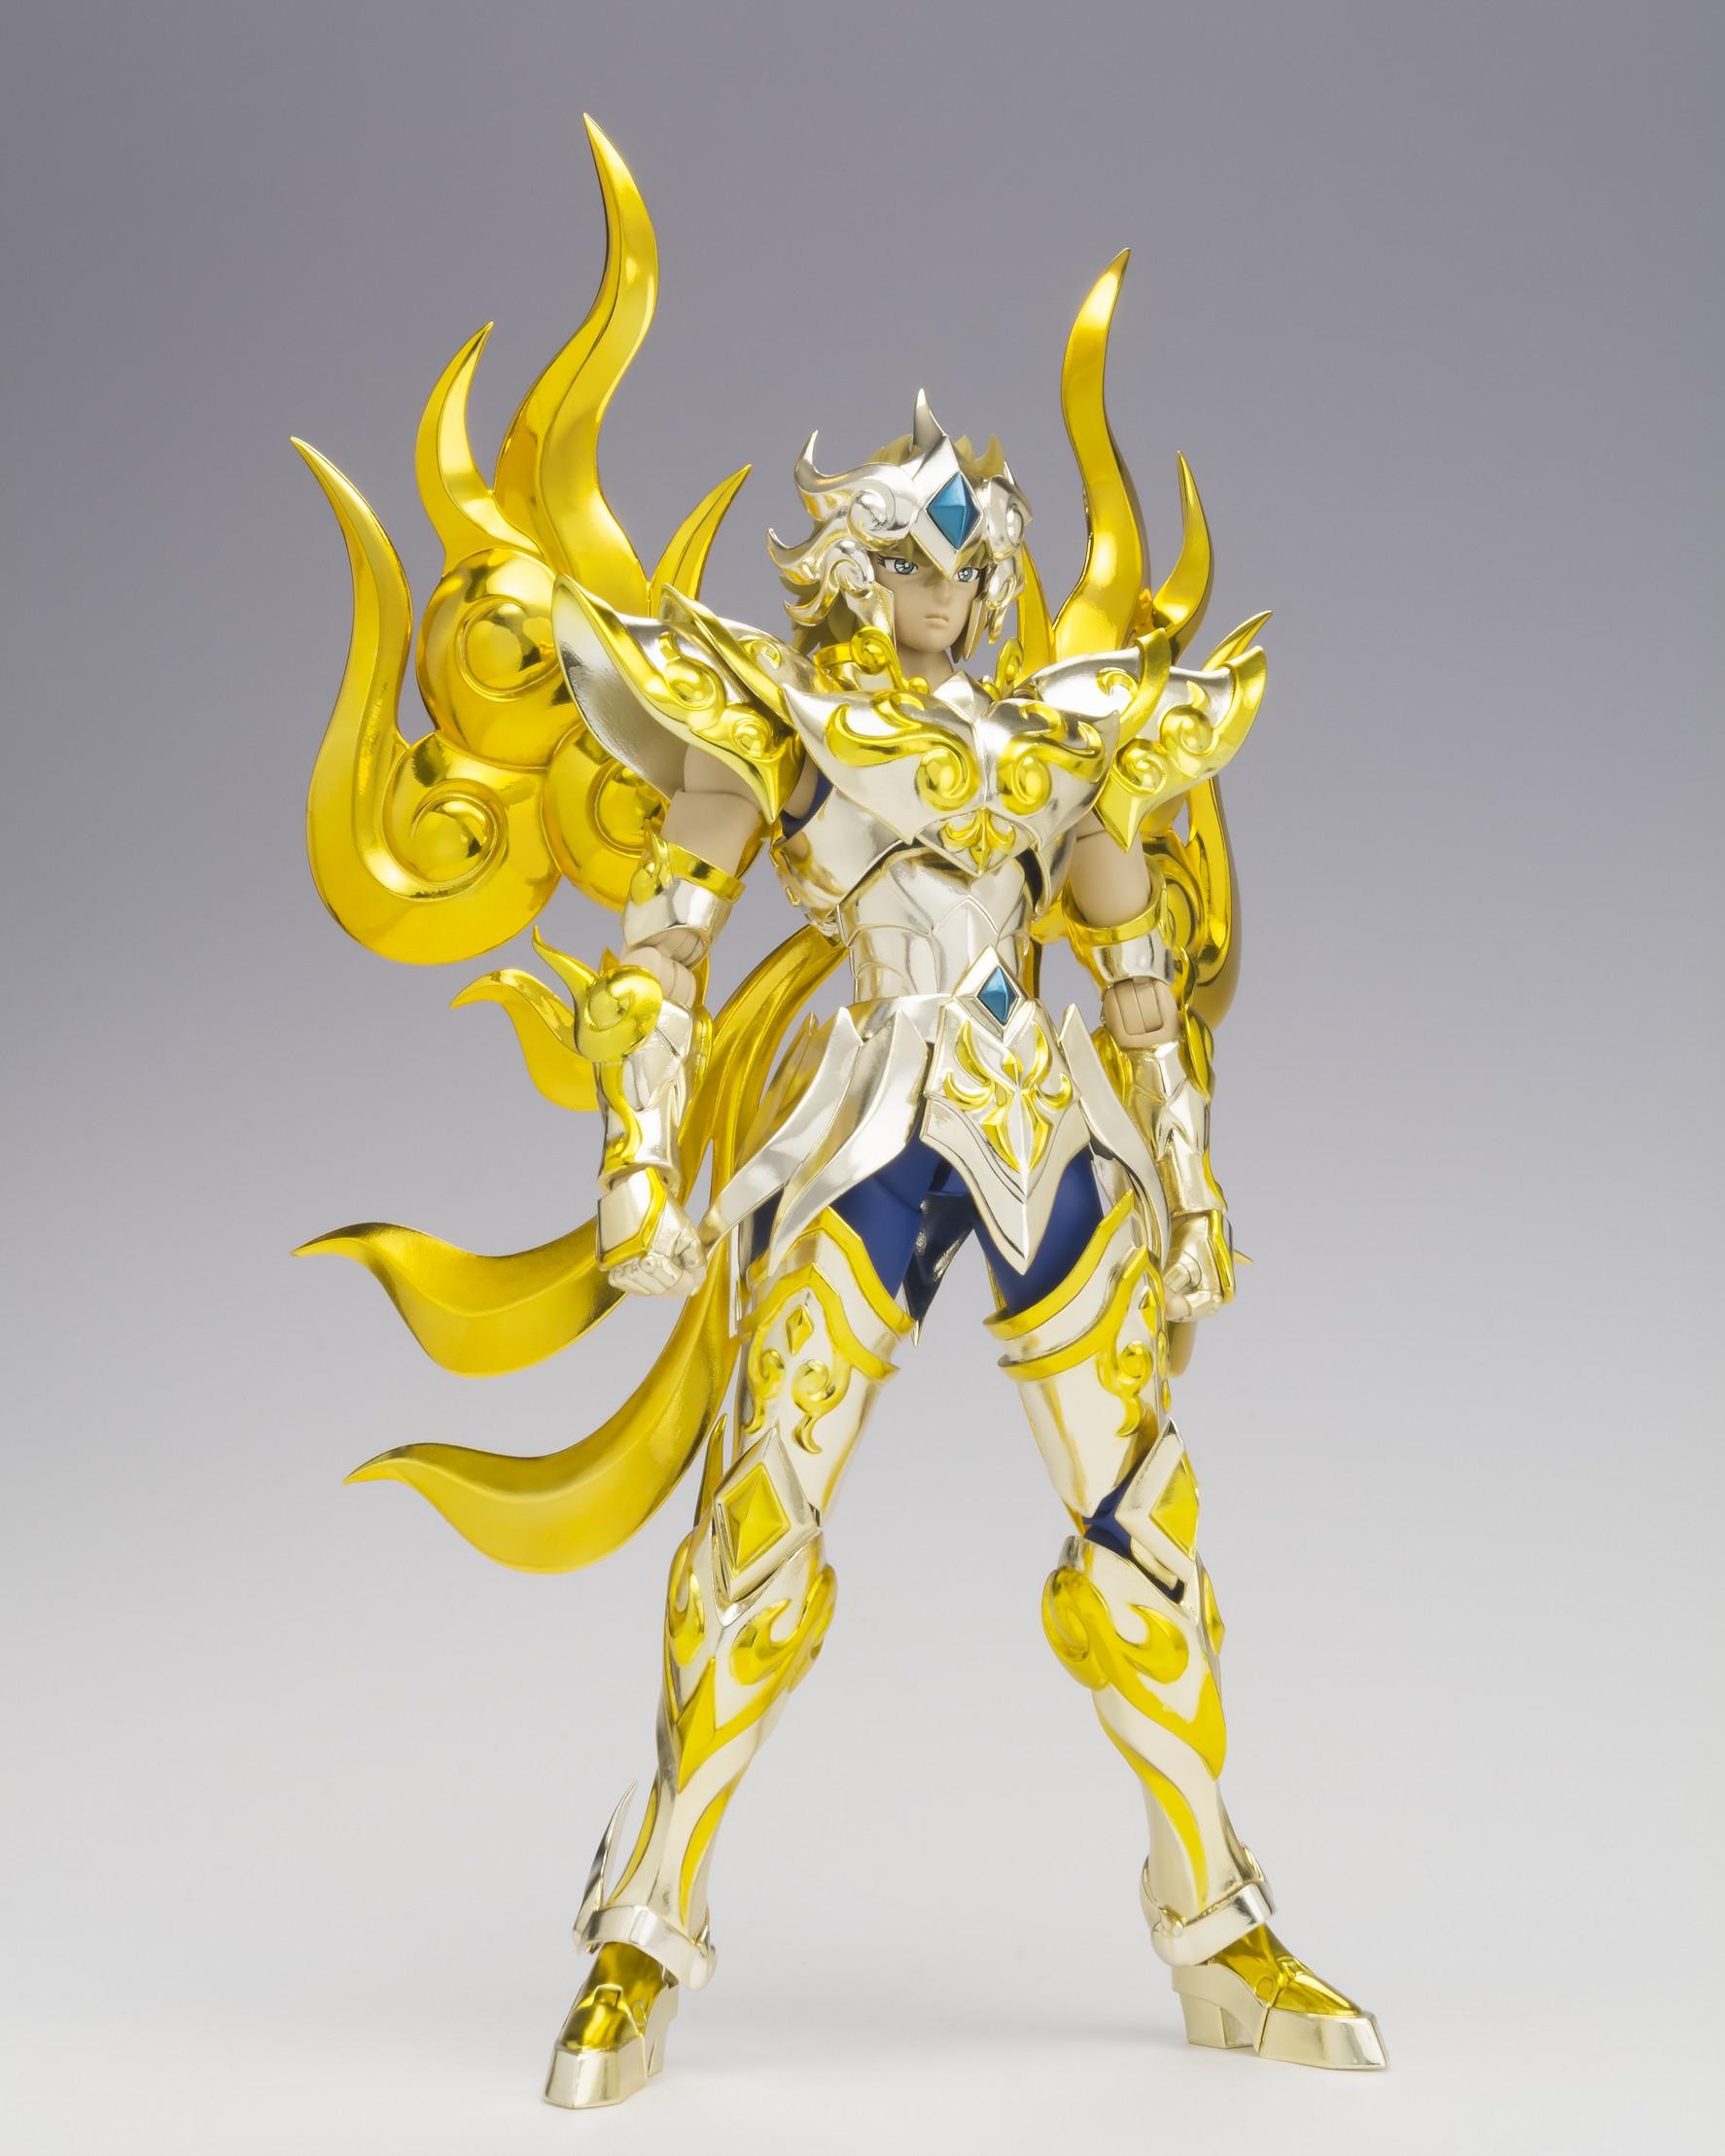 [Comentários] Saint Cloth Myth EX - Soul of Gold Aiolia de Leão - Página 3 MhIsAoSr